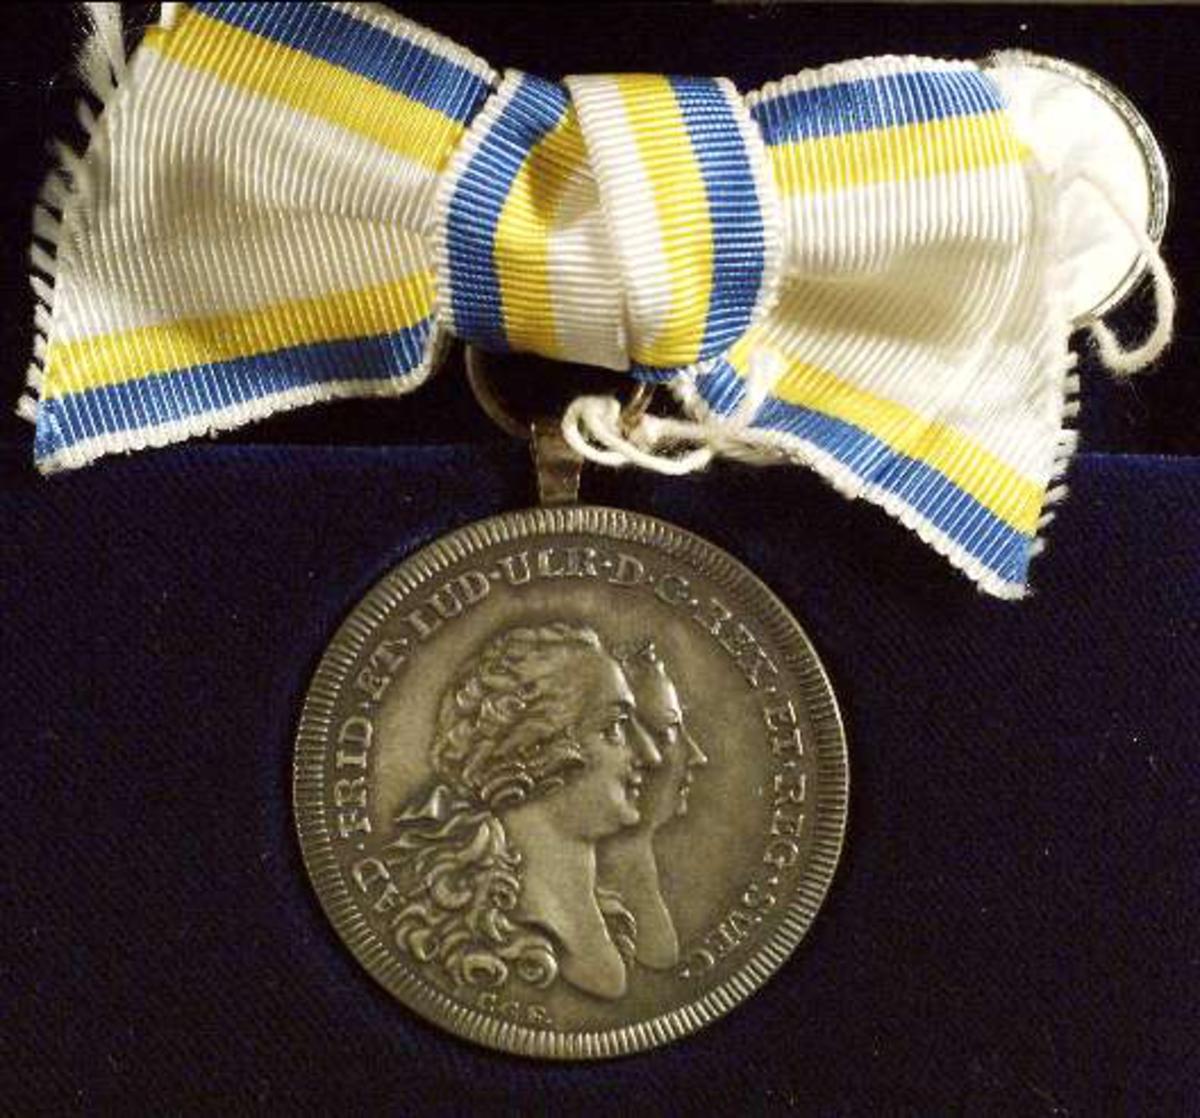 Framsidan av medaljen med Adolf Fredrik och Lovisa Ulrikas bilder i profil.